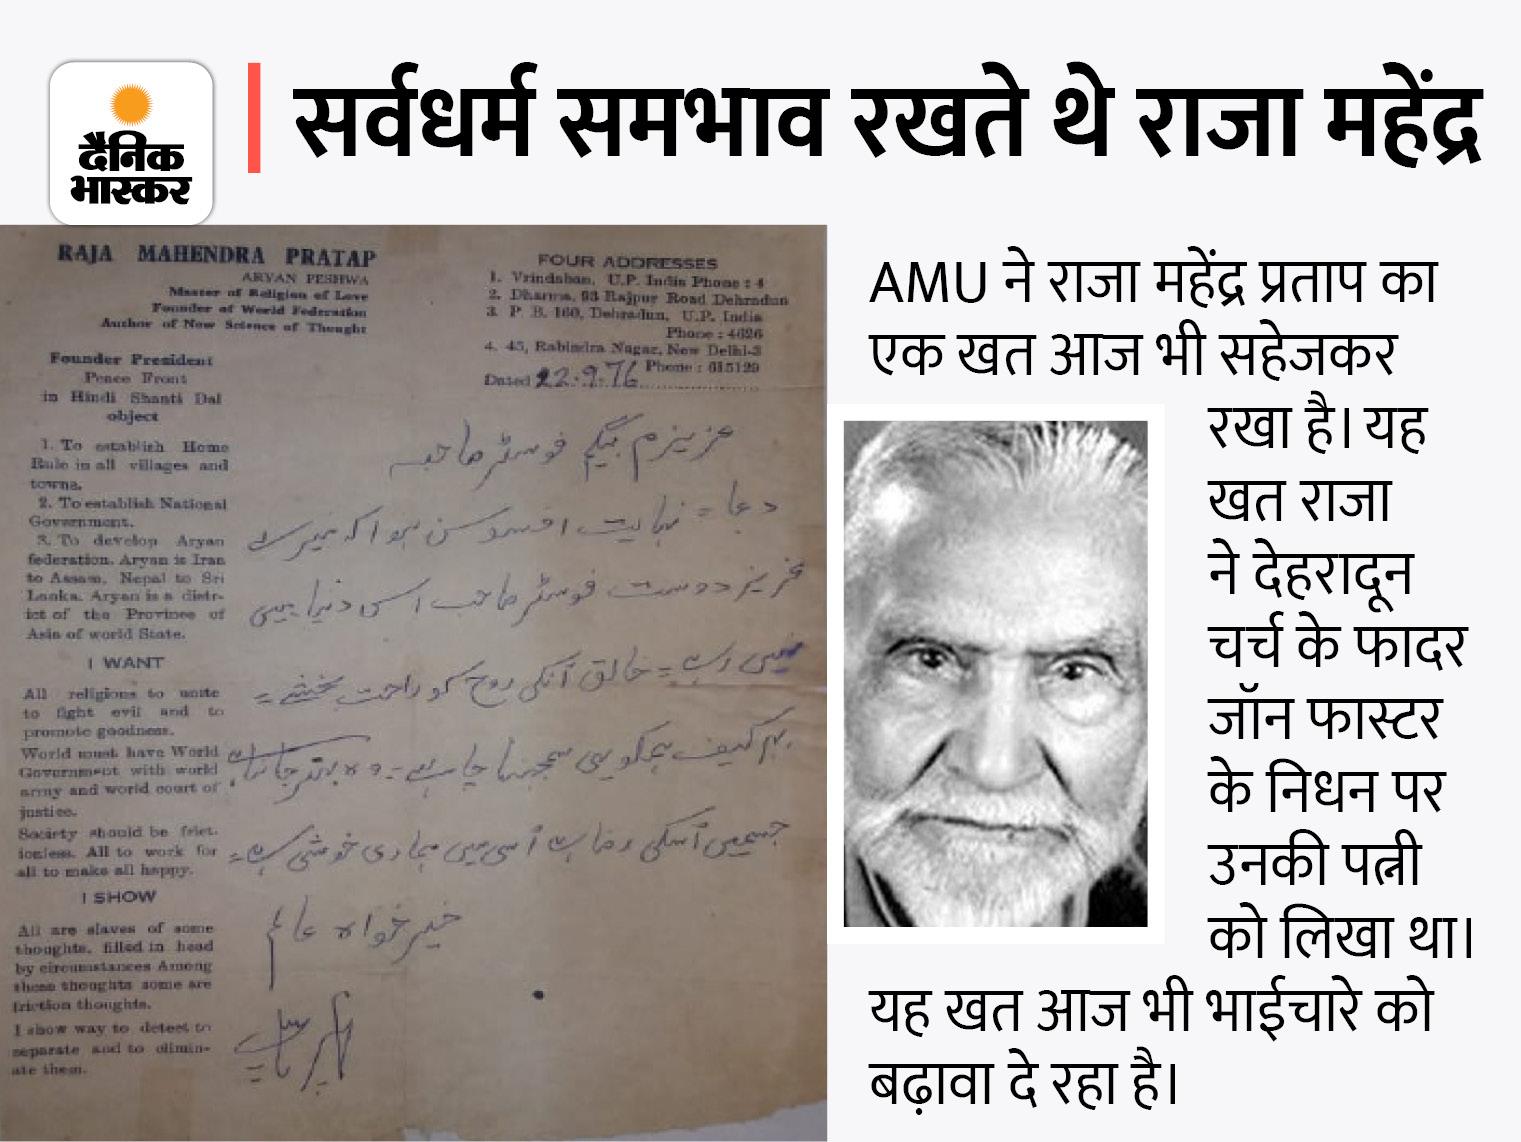 अलीगढ़ यूनिवर्सिटी ने सहेजकर रखा जाट राजा महेंद्र का खत, 45 साल पहले देहरादून चर्च के पादरी के निधन पर उर्दू में लिखा था अलीगढ़,Aligarh - Dainik Bhaskar